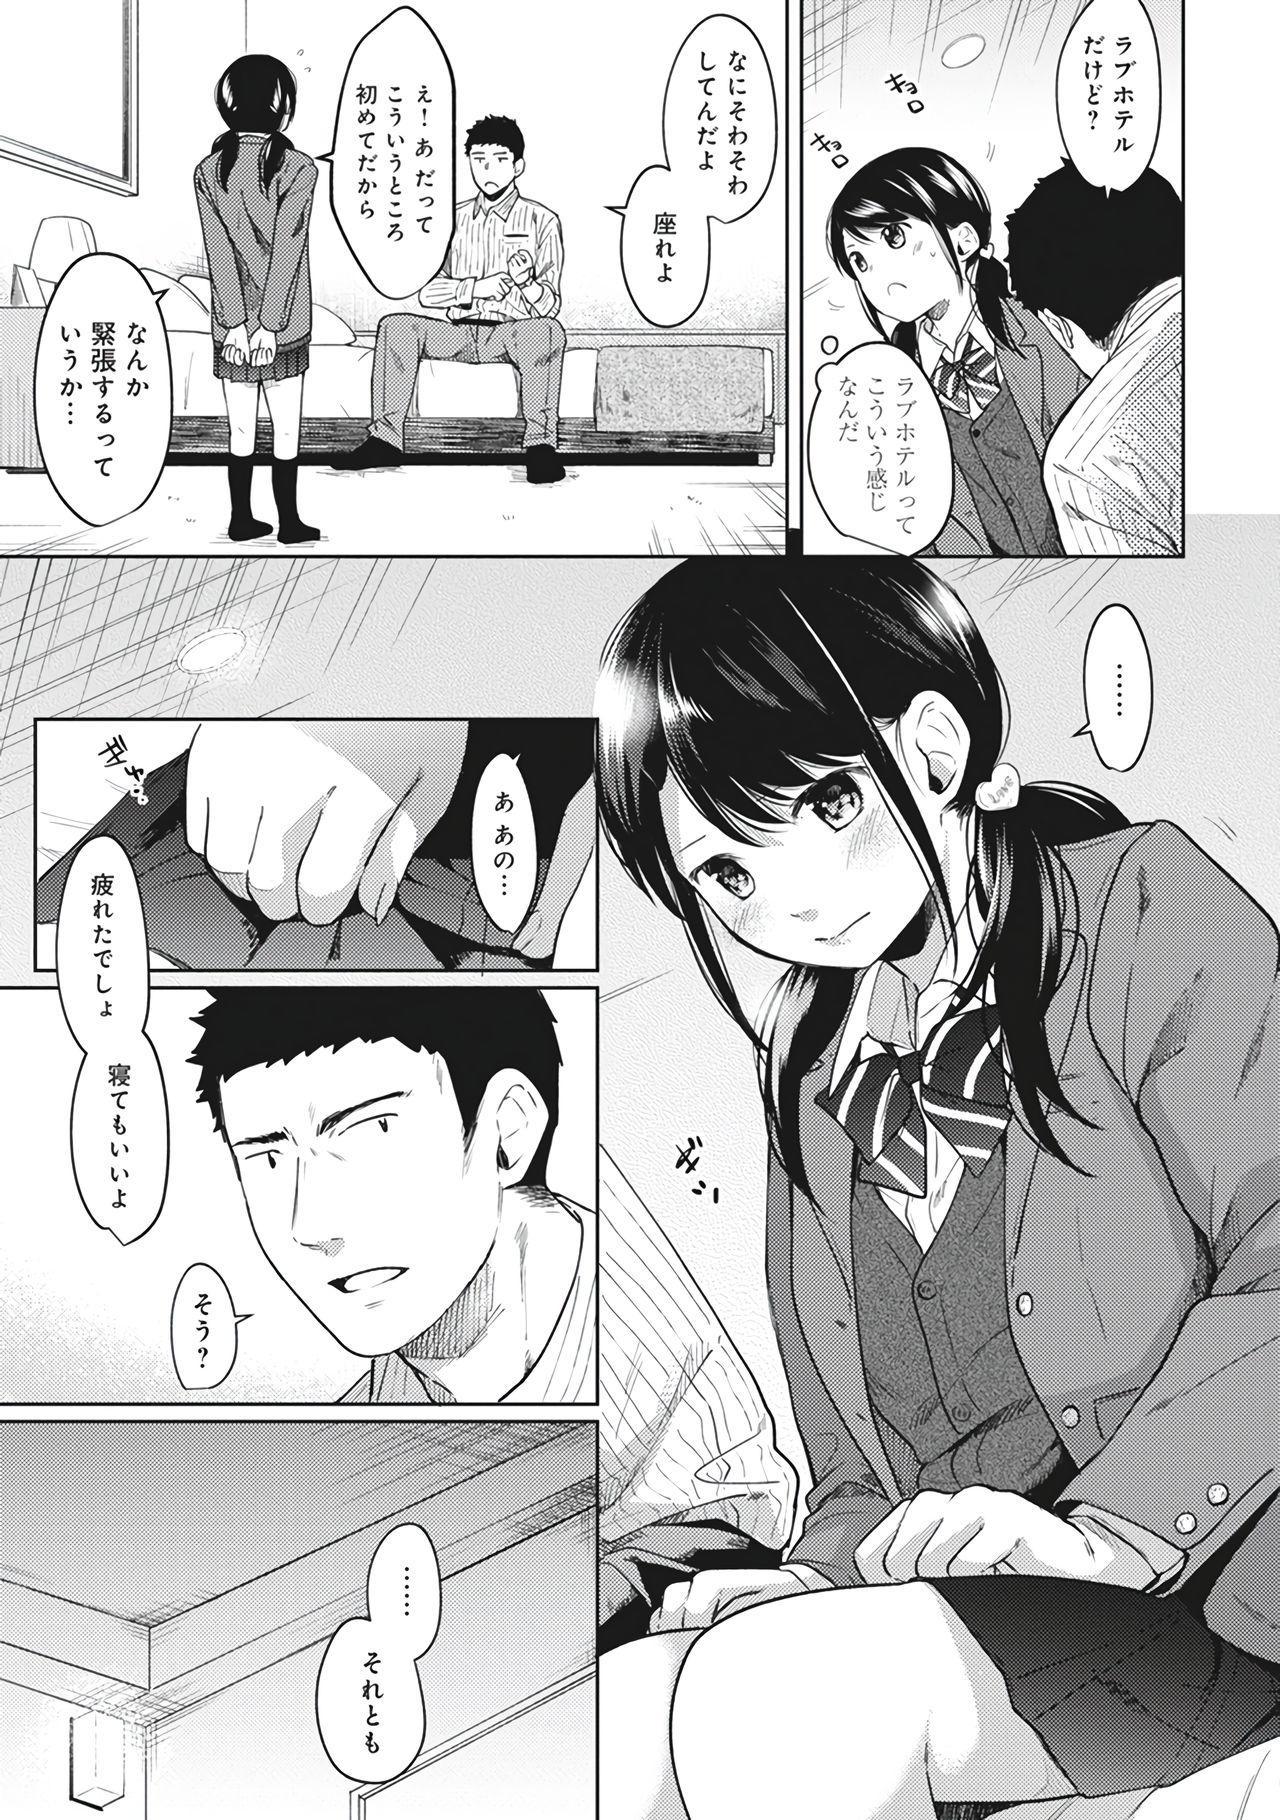 1LDK+JK Ikinari Doukyo? Micchaku!? Hatsu Ecchi!!? Vol.2 14